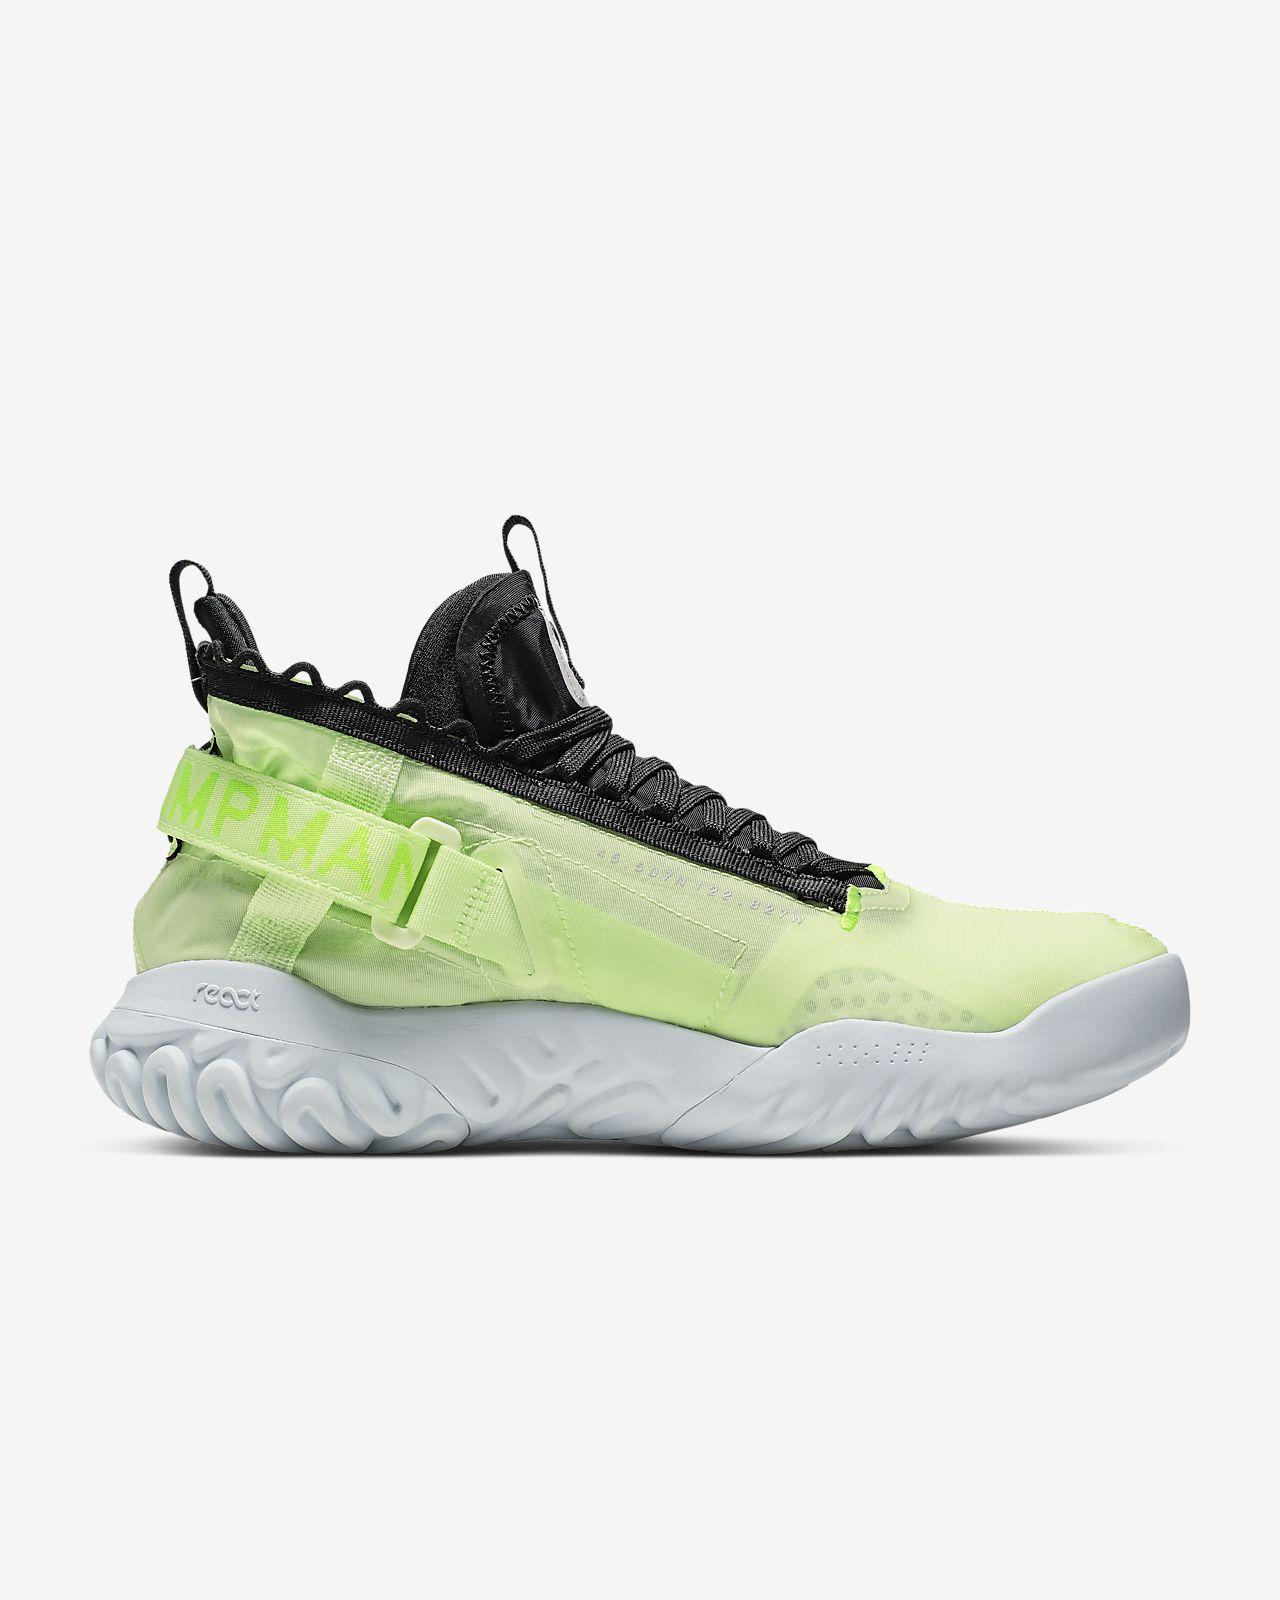 171c8c9aa13 Jordan Proto-React Men's Shoe. Nike.com